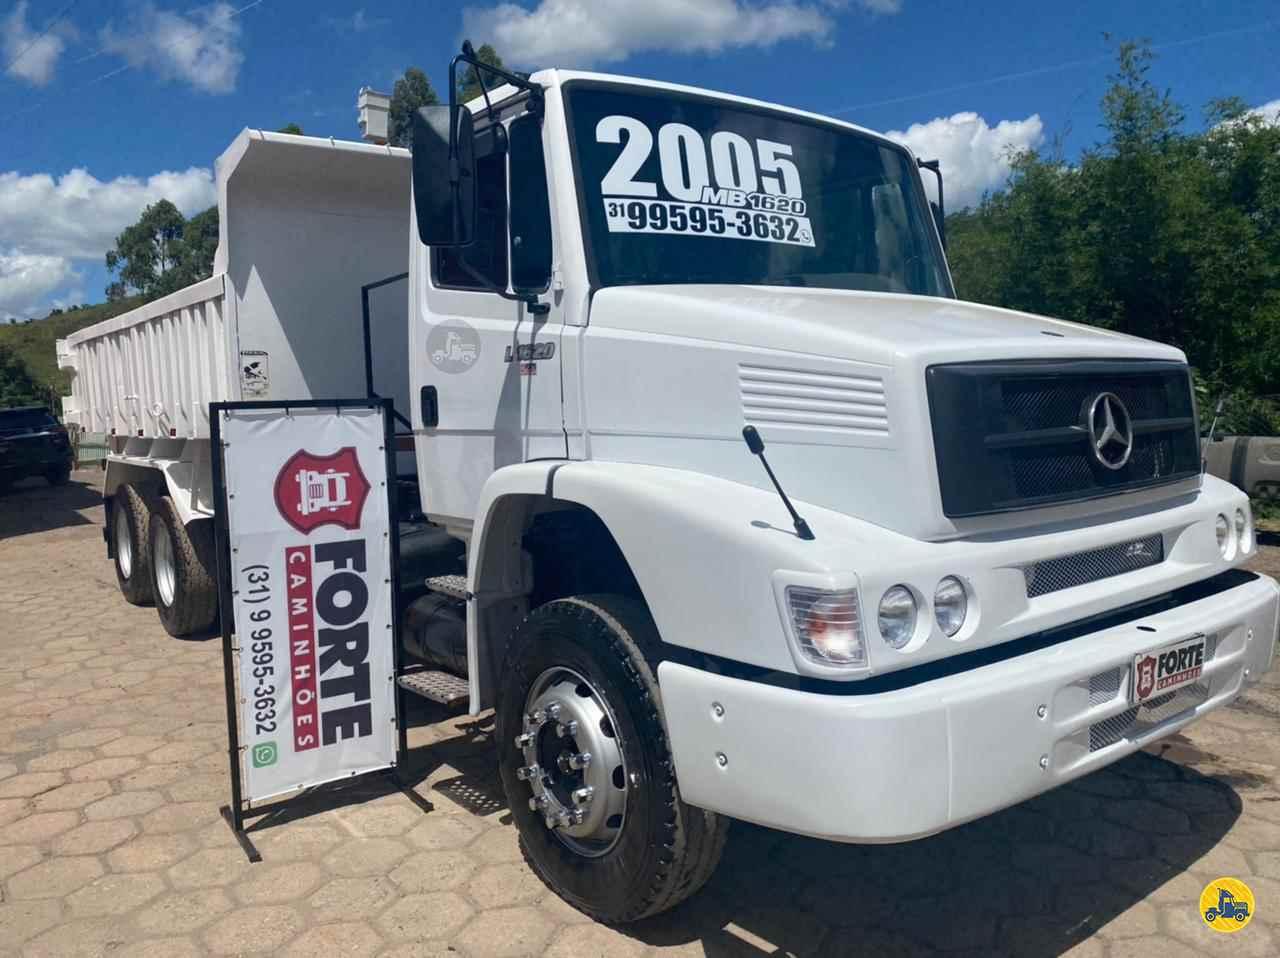 CAMINHAO MERCEDES-BENZ MB 1620 Caçamba Basculante Truck 6x2 Forte Caminhões MG JOAO MONLEVADE MINAS GERAIS MG